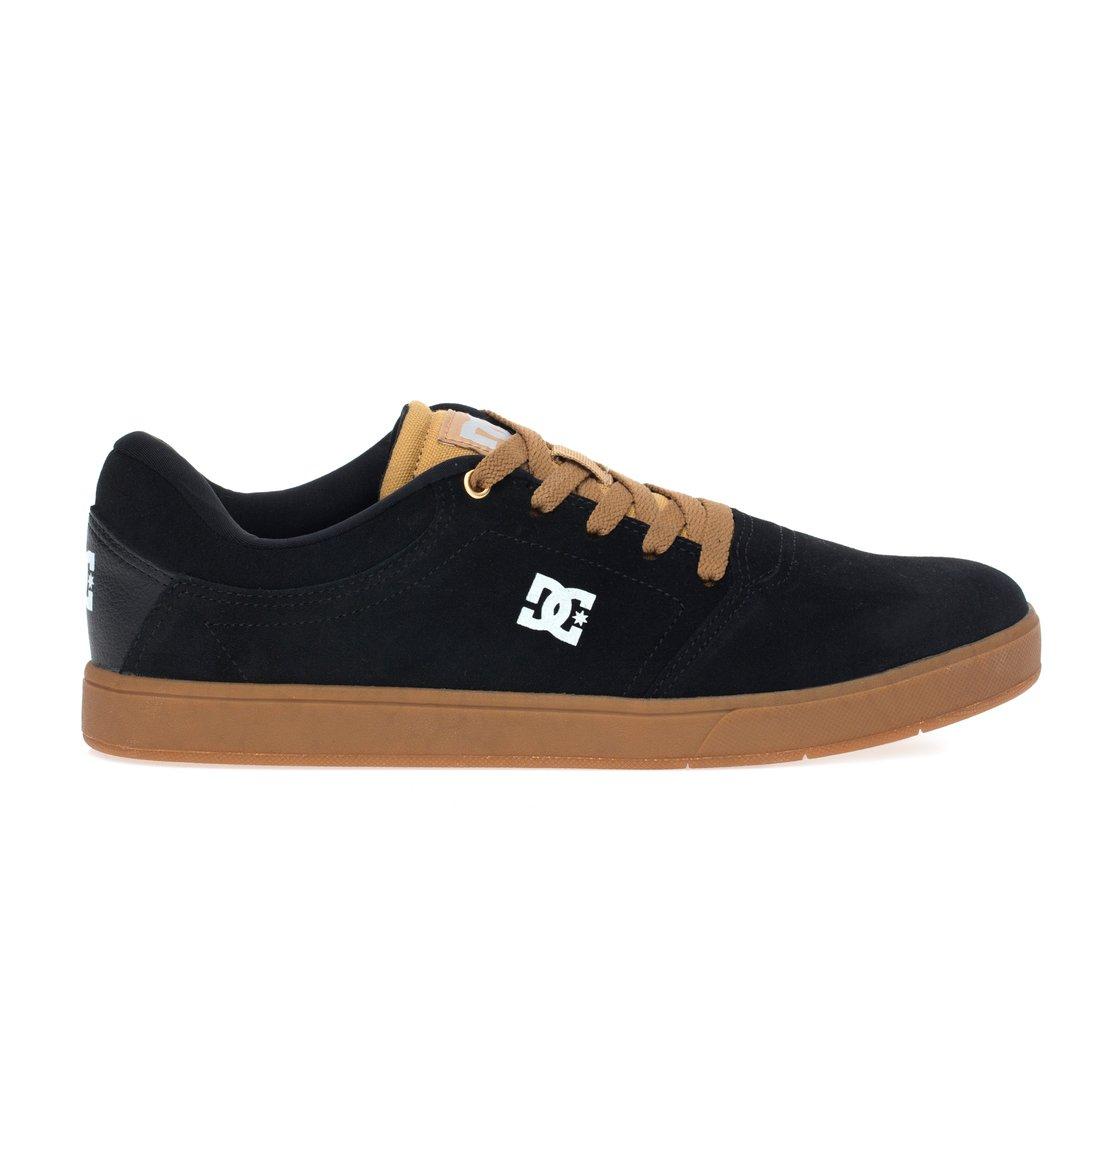 0 Tênis masculino Crisis LA Marrom BRADYS100029L DC Shoes 1280fe1076509